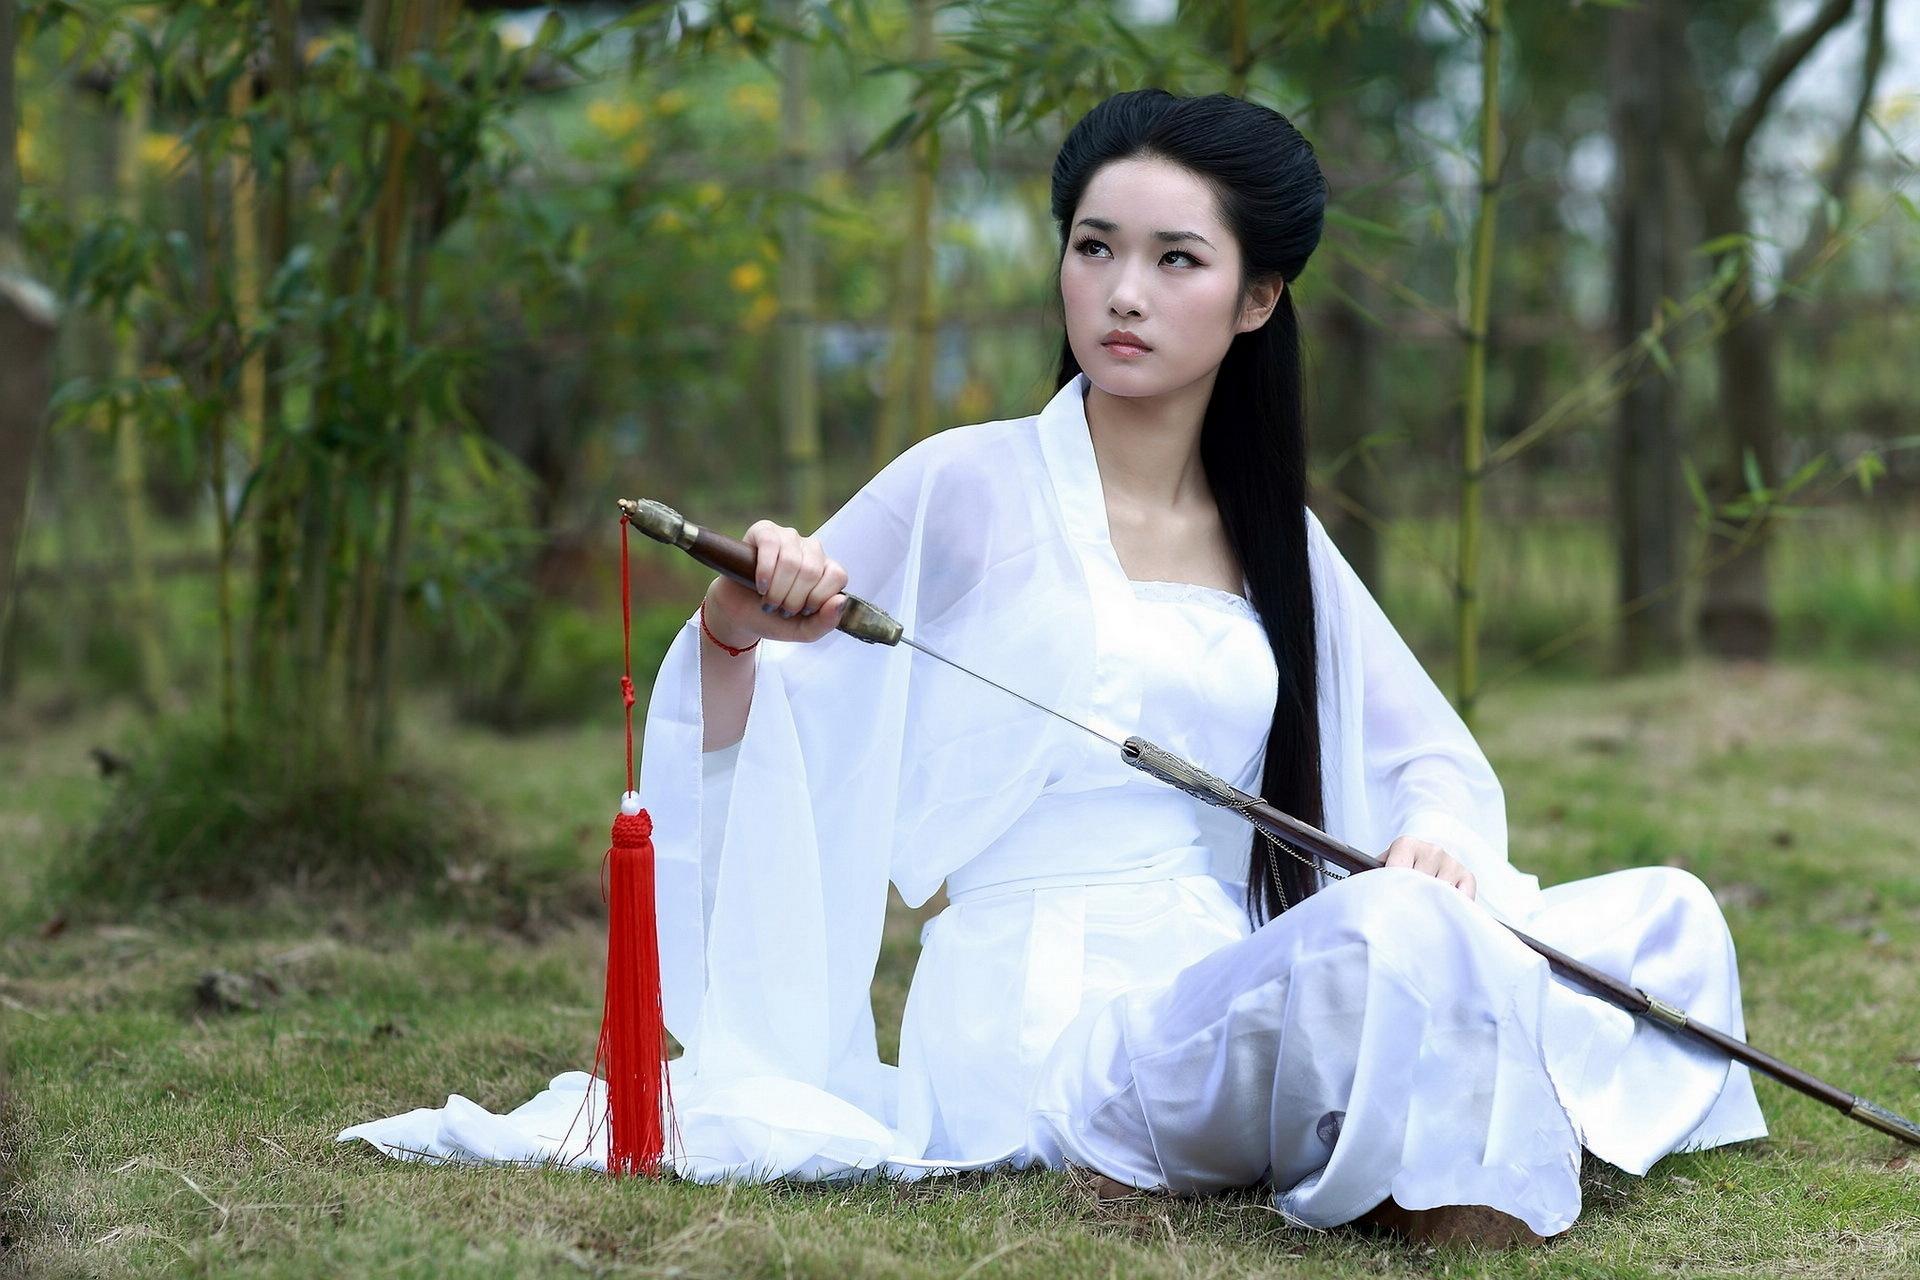 Девушка с мечом фотосессия, посмотреть фильм эротика красная шапочка